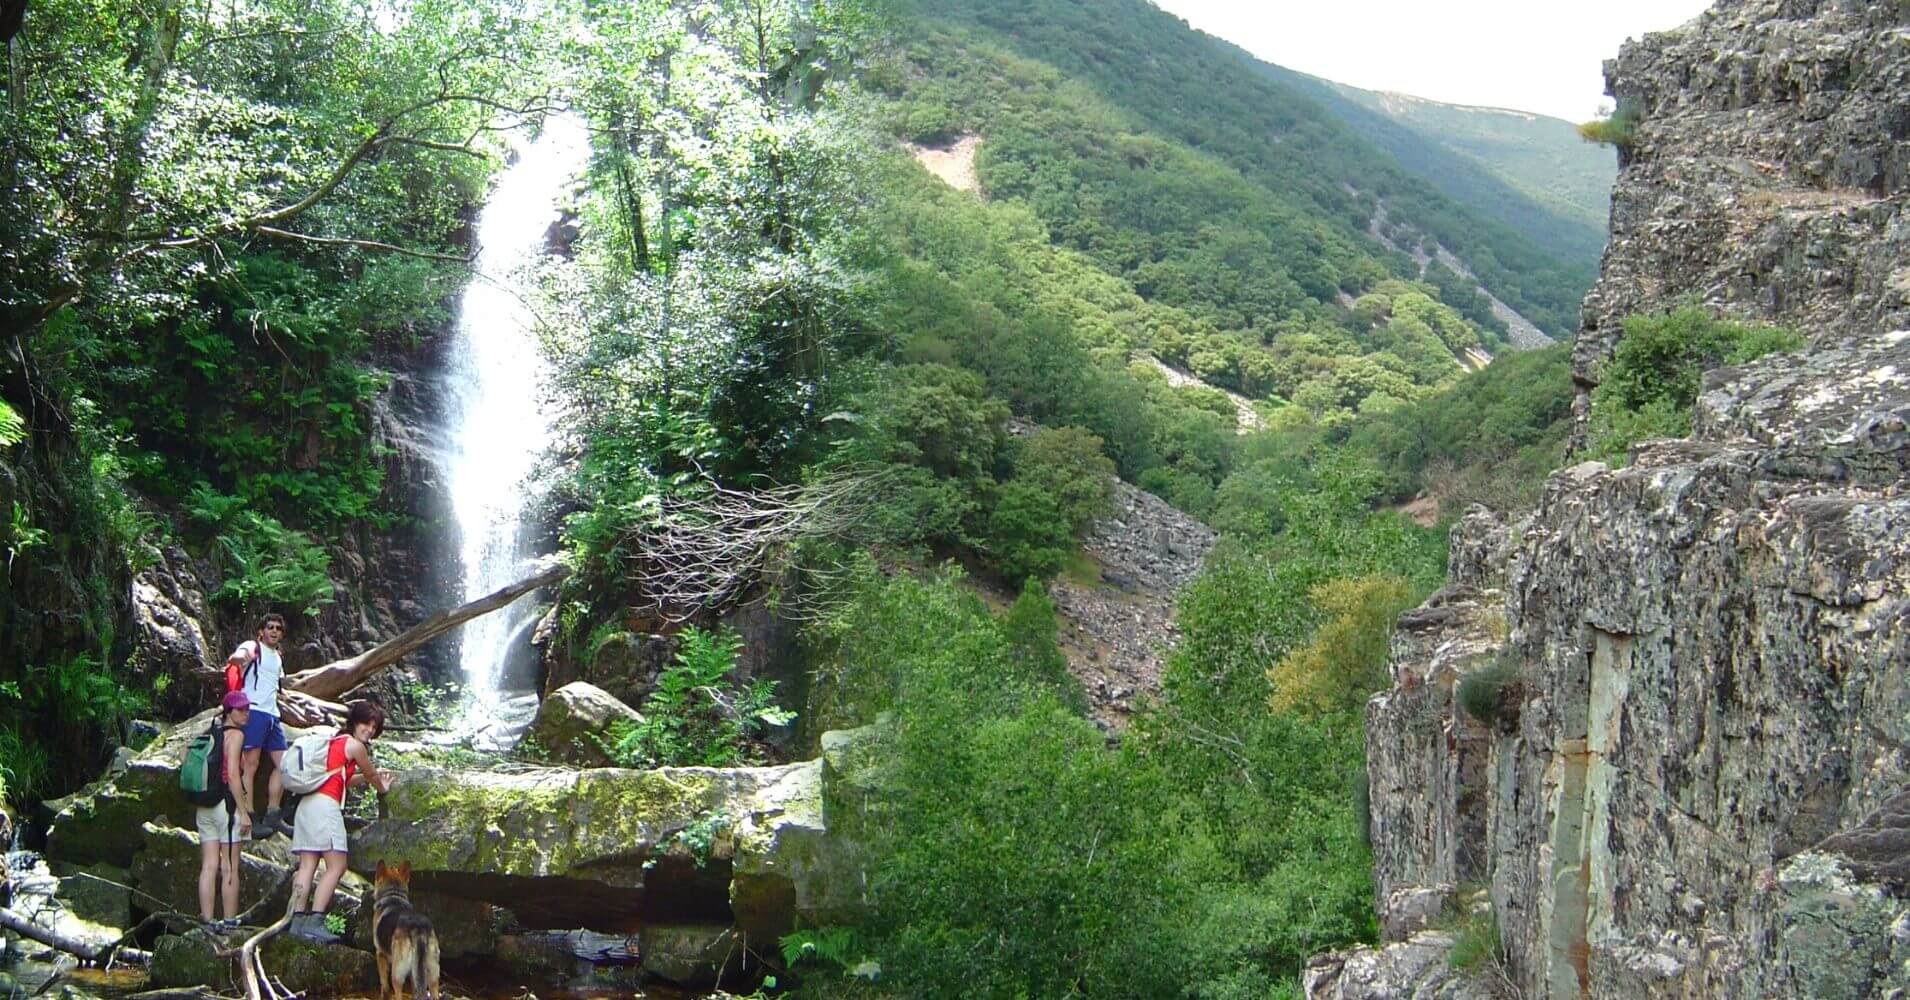 Entorno de la Cascada del Chorro. Parque Nacional de Cabañeros, Los Navalucillos, Castilla la Mancha.